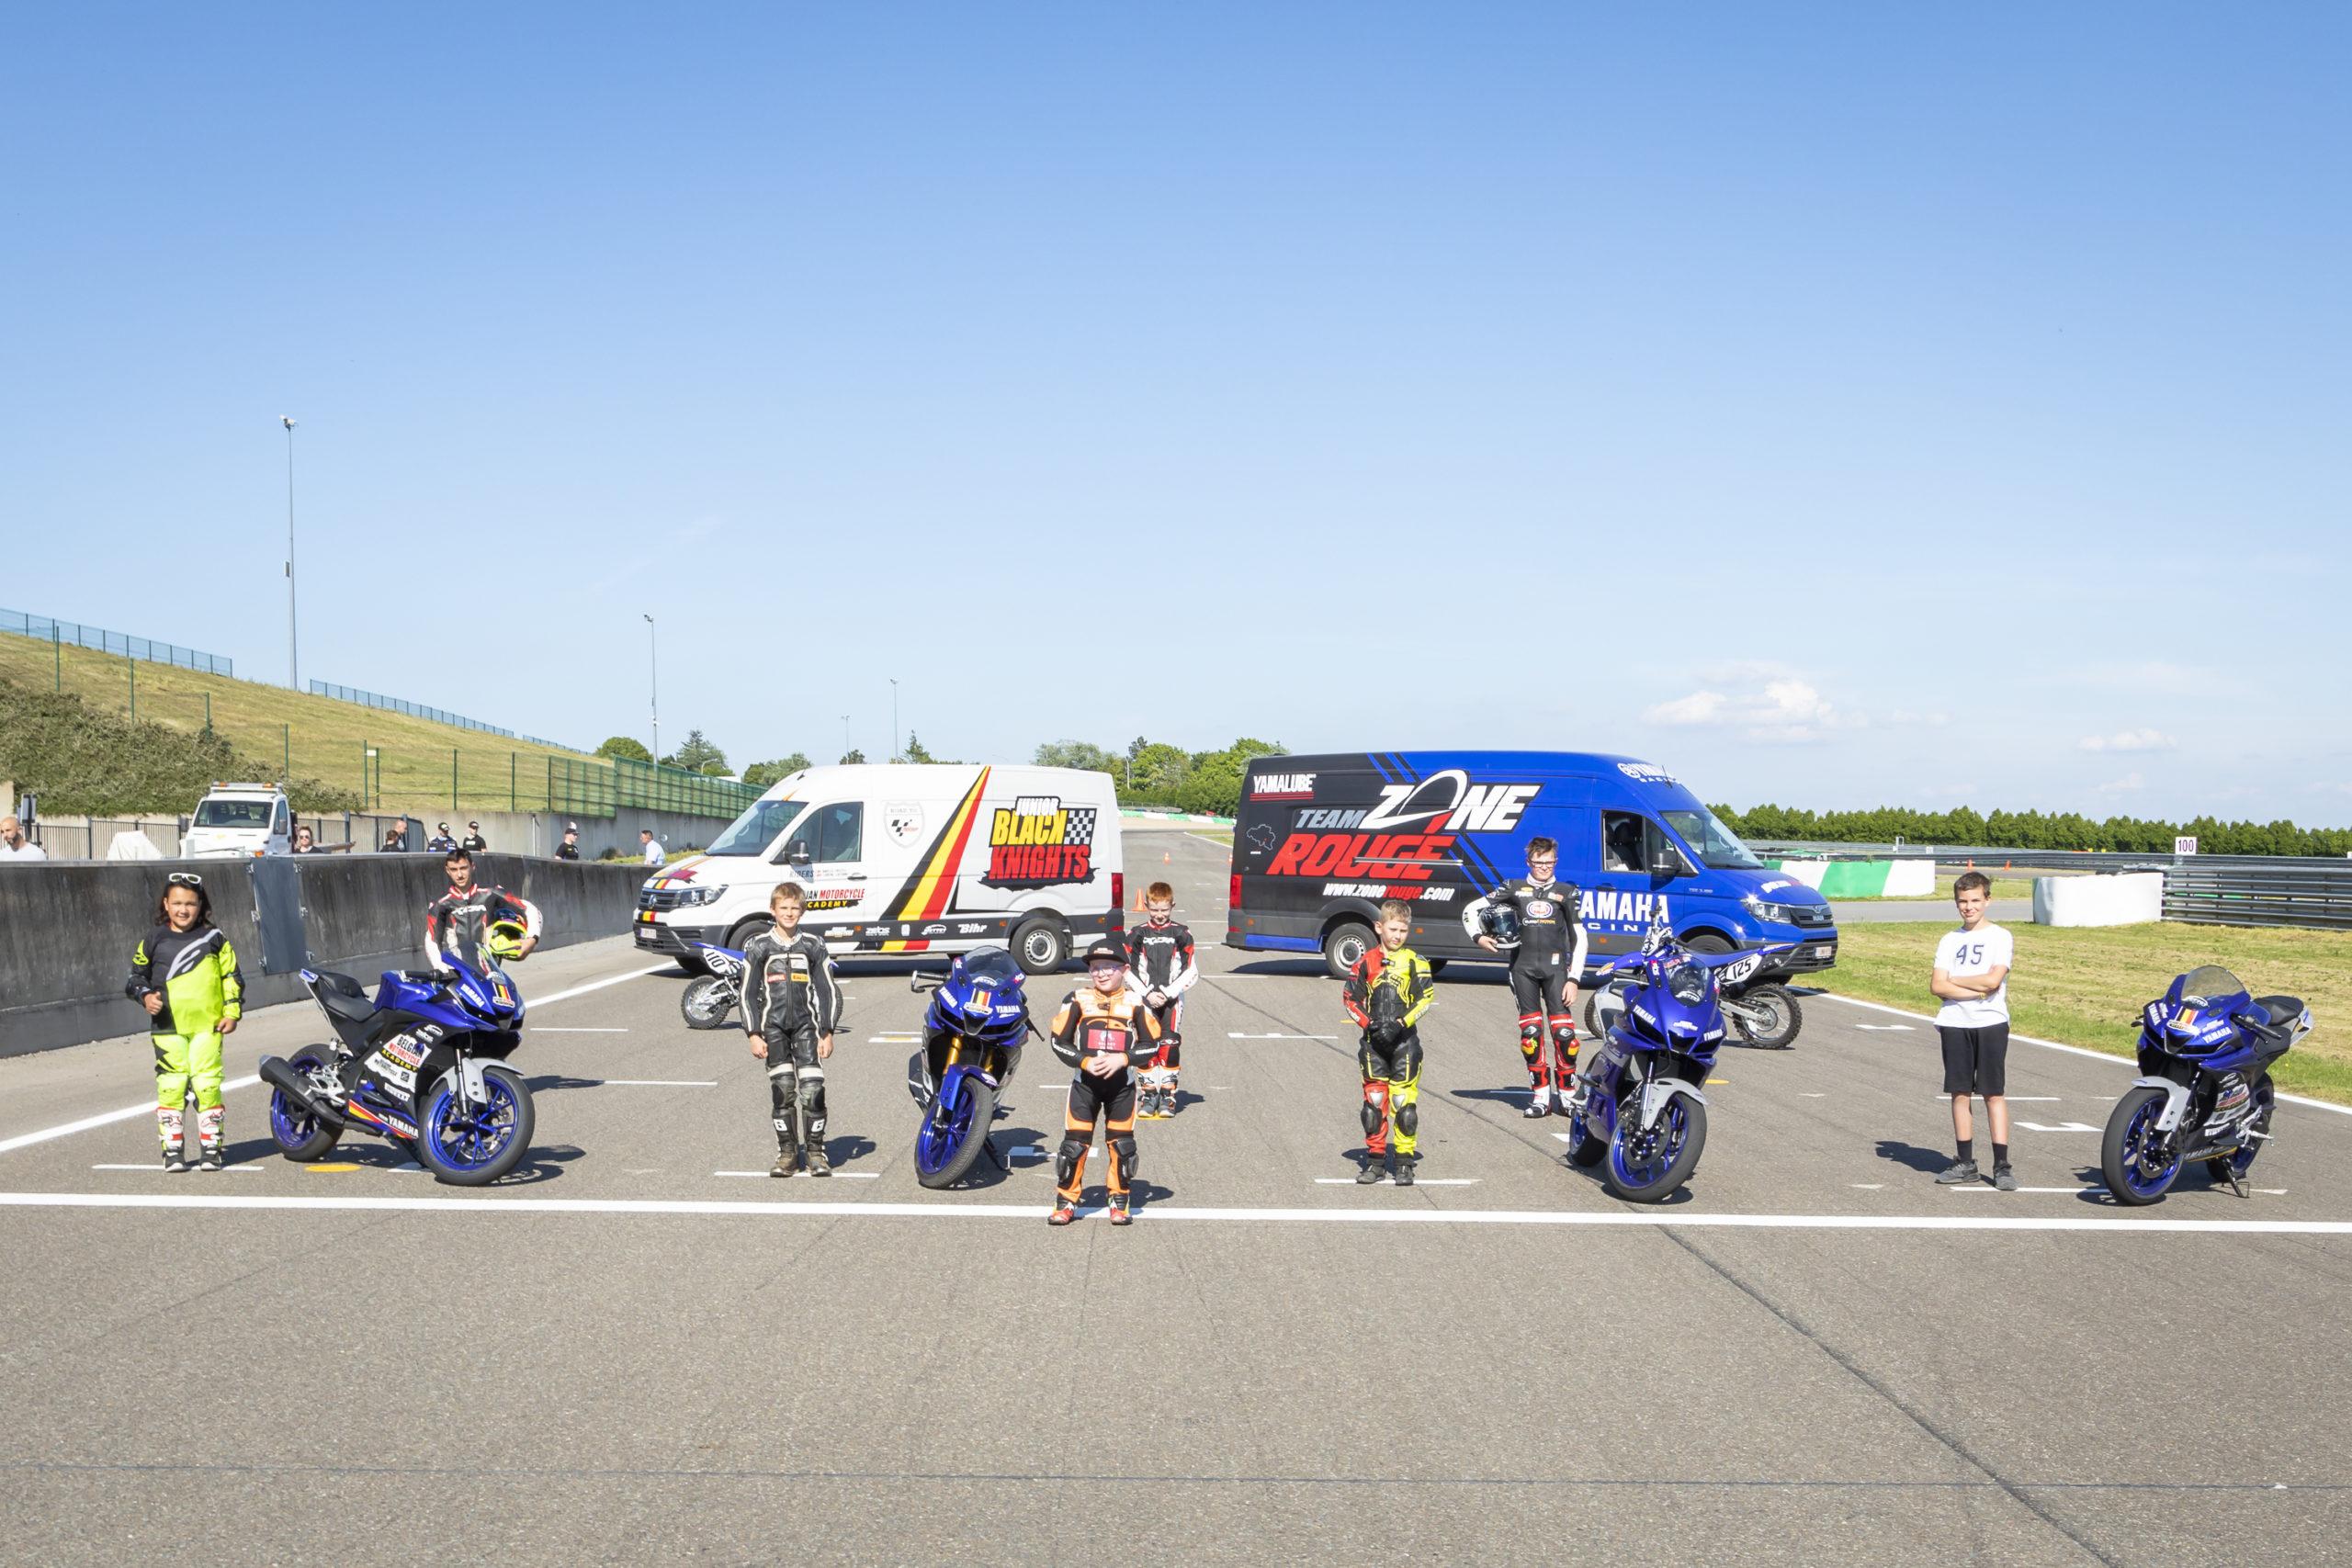 Belgian Motorcycle Academy